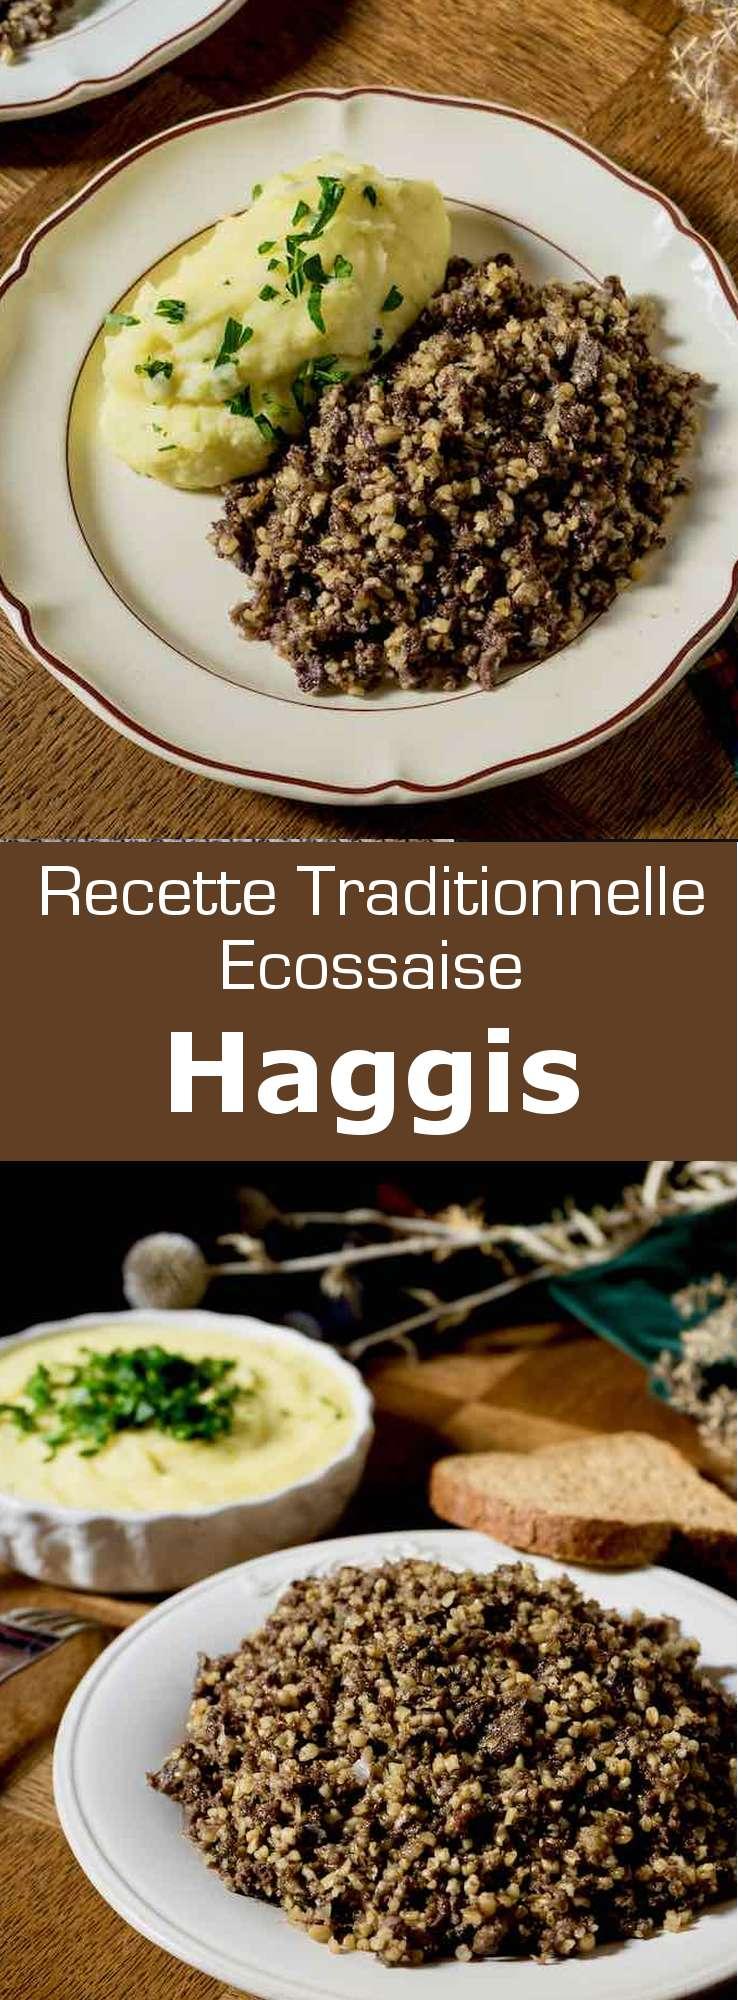 Le haggis est un plat traditionnel écossais consistant en une panse de brebis farcie de fressure, de gras et de rognons de mouton. #RoyaumeUni #Angleterre #Ecosse #RecetteEcossaise #RecetteAnglaise #RecetteBritannique #CuisineEcossaise #CuisineAnglaise #CuisineBritannique #CuisineDuMonde #196flavors